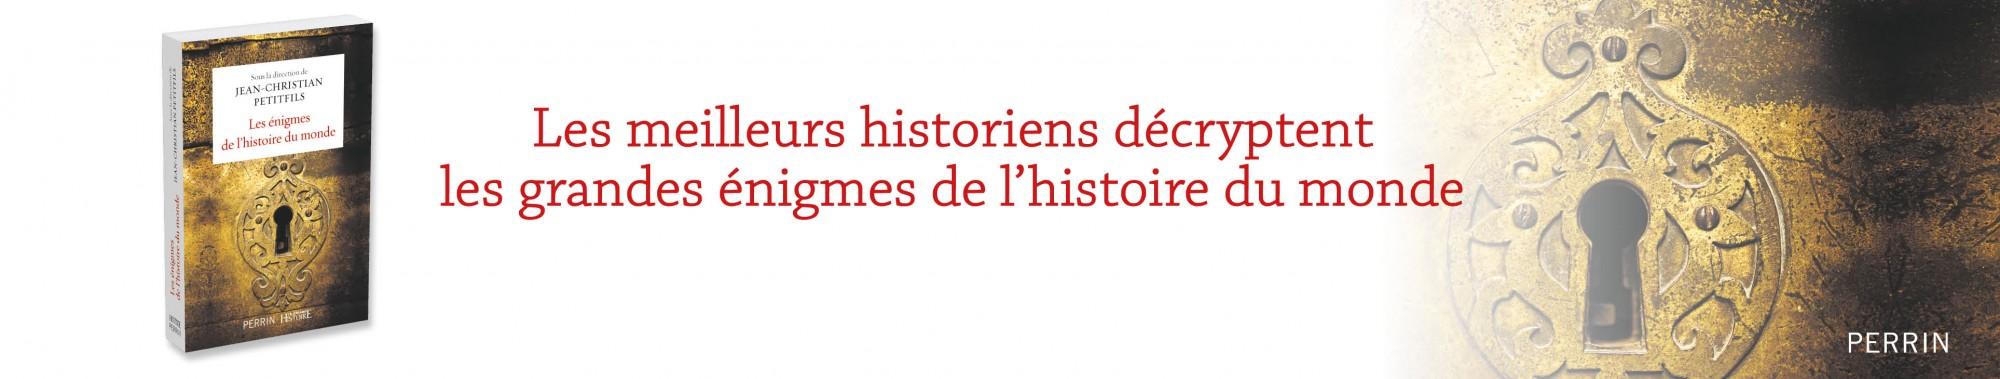 Les énigmes de l'histoire du monde